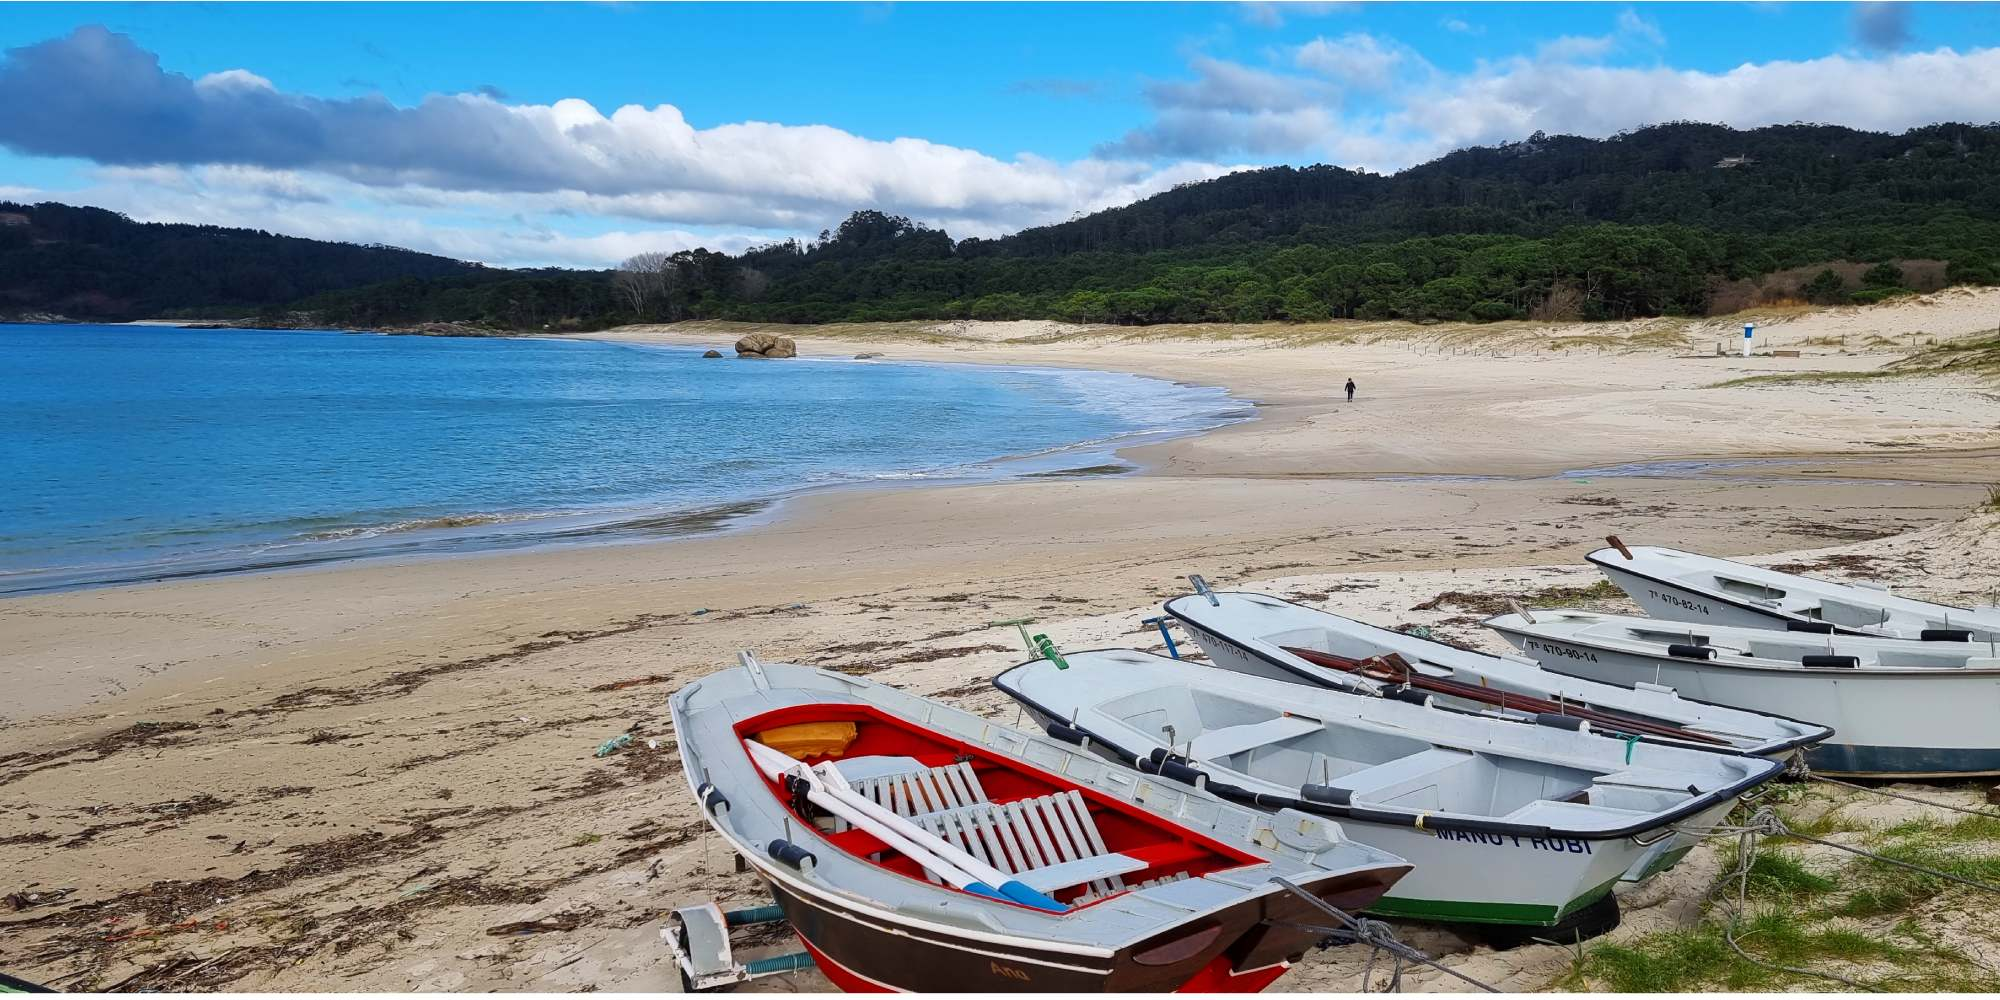 barcas-playa-nerga